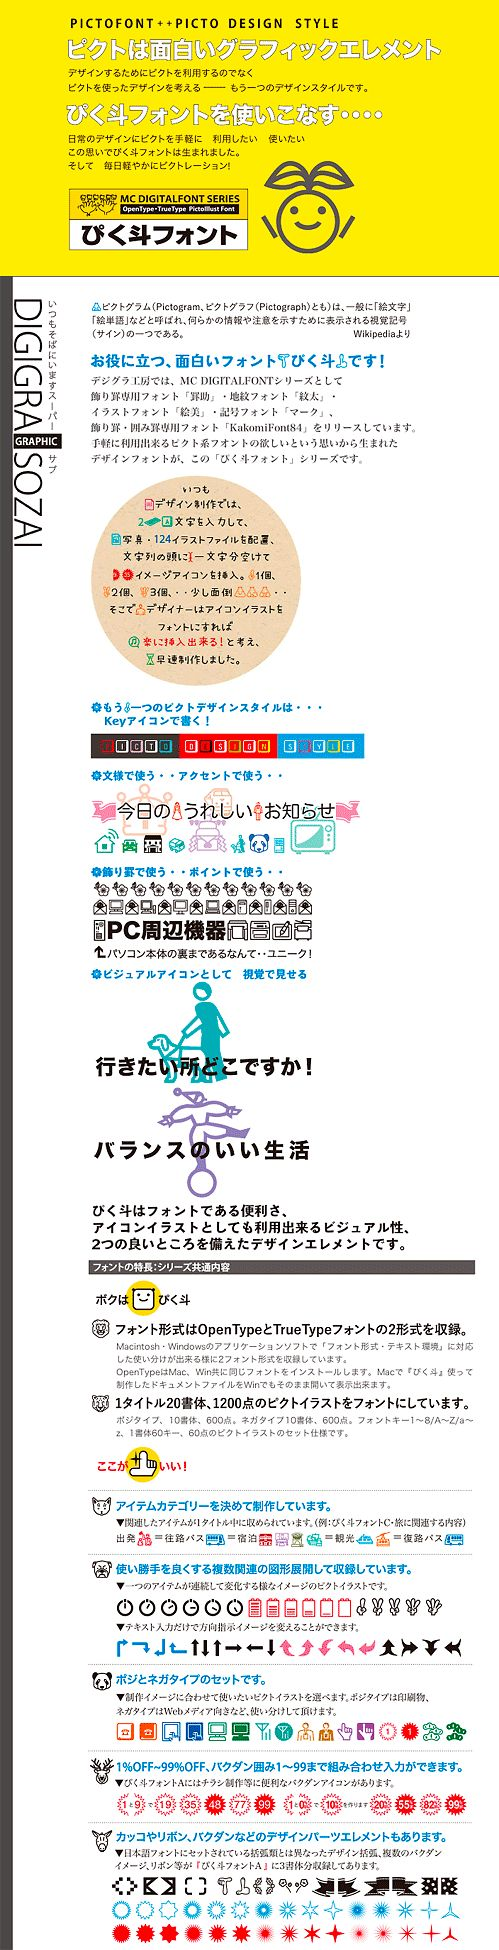 デジグラ工房・ピクトフォント製品紹介のWebページ1:ピクトフォント(製品名:MC DIGITAL FONT・ぴく斗フォント):ピクト系のイラストをテキストとして入力出来る絵文字フォントです。 WebSite・http://e-digigra.com/EP_Webdata/PictoABC_html/PICTO_1p.html #design #pictogram #printing #dtp #opentype font #TrueType font #picto font #graphic #font #web site #web font #DIGIGRA PICTURE #デジグラ工房 #MC DIGITAL FONT